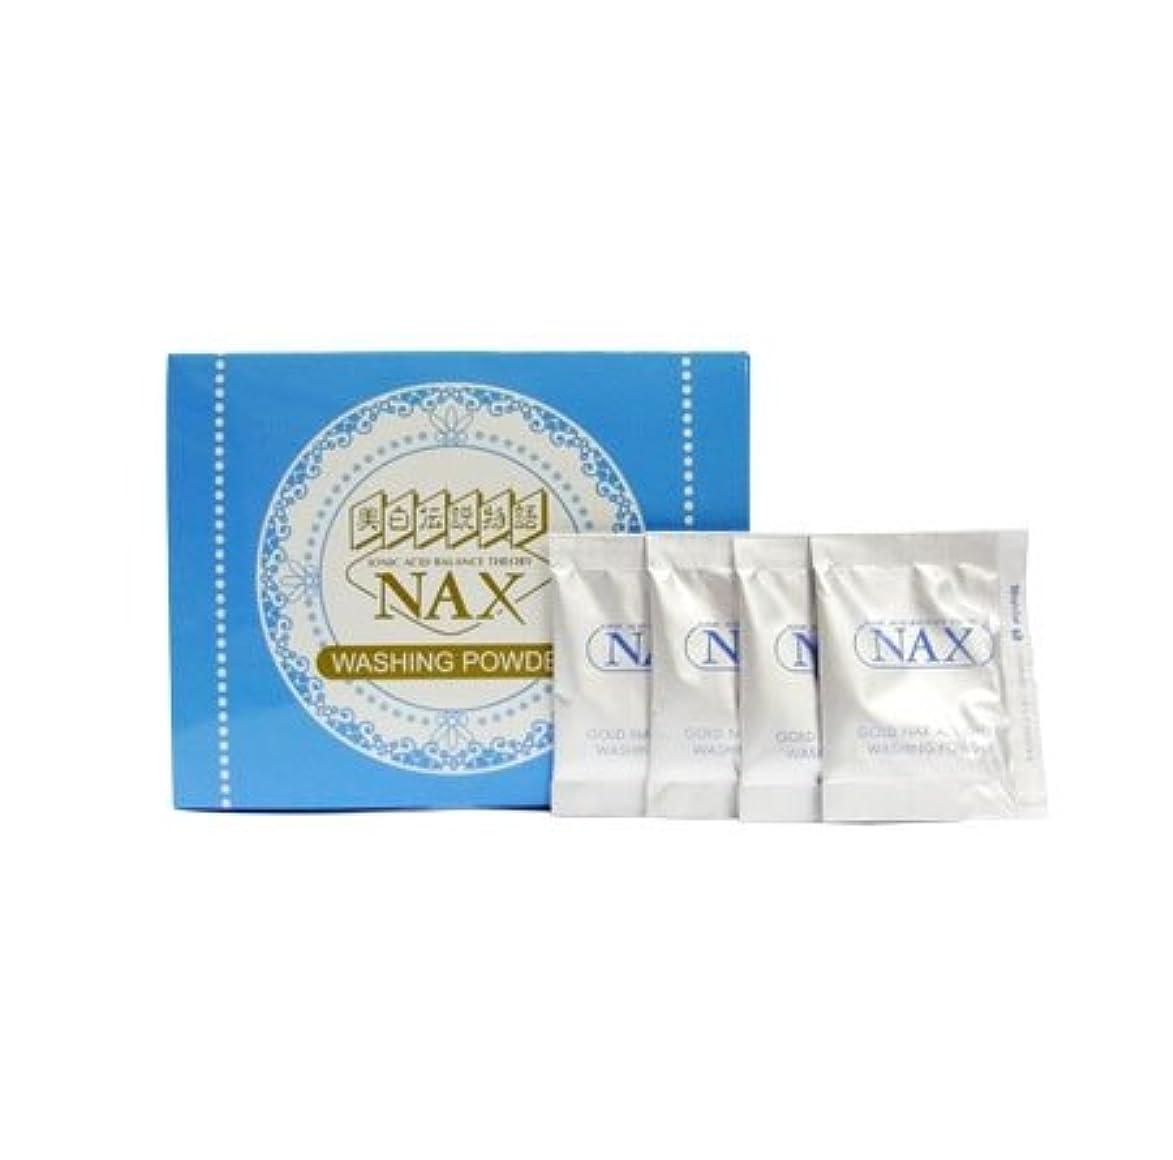 天窓インセンティブ改善洗顔パウダー ウォッシングパウダー 洗顔 弱酸性 酵素洗顔料 敏感肌対応 (2箱)